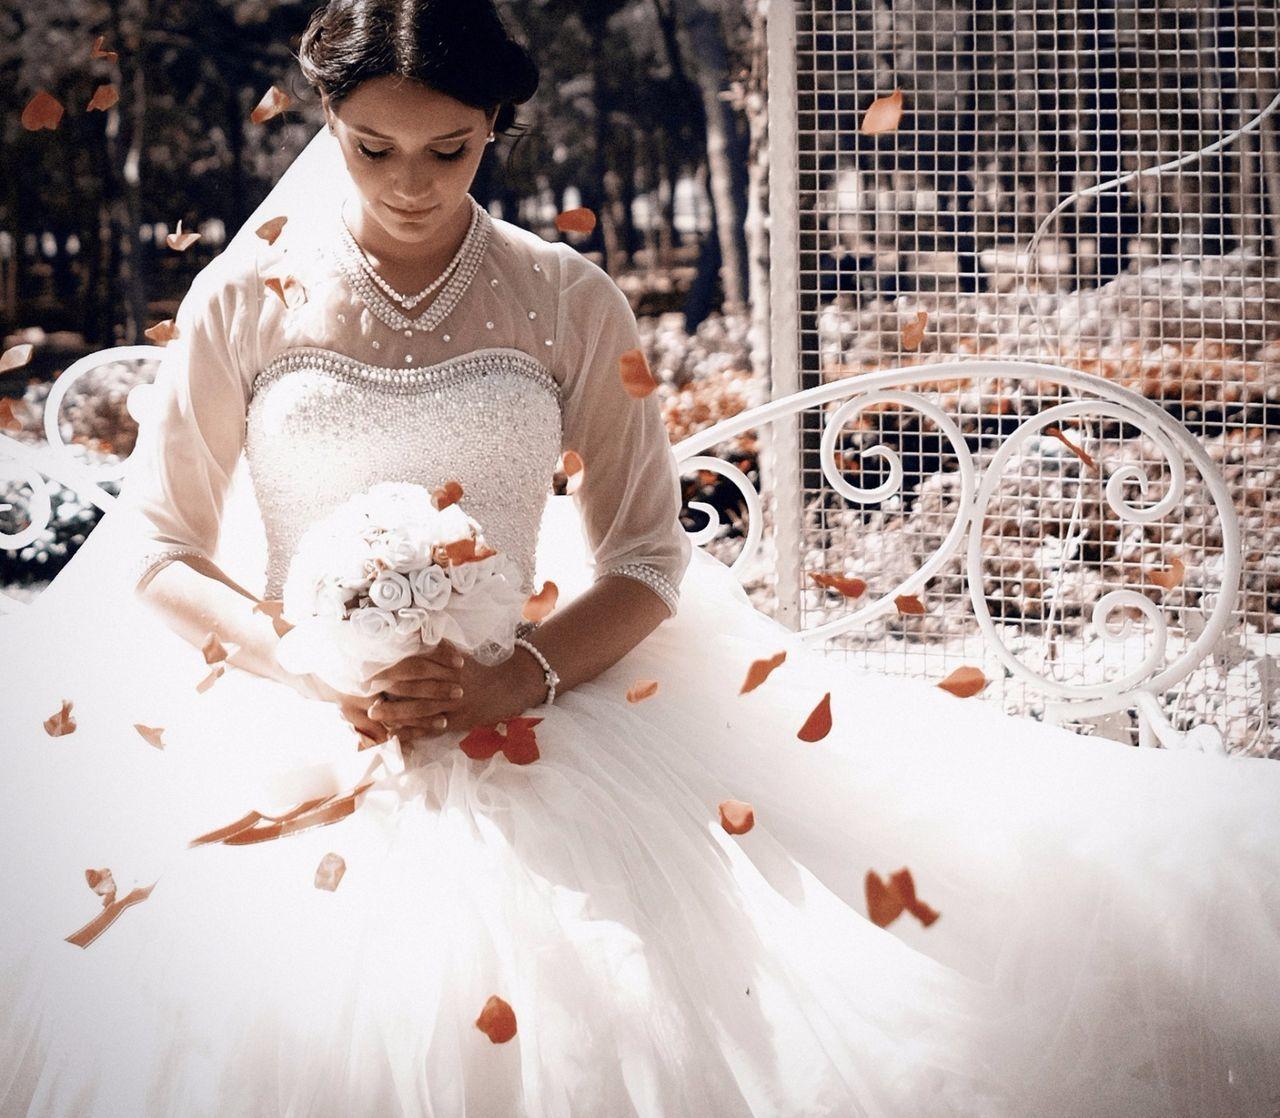 Weddingphotographer Wedding Photography Wedding Wedding Day Bridal Photoshoot Bridal Bridalportrait Weddingphoto Weding Weddingfoto Weddingphotographers Harundurgun